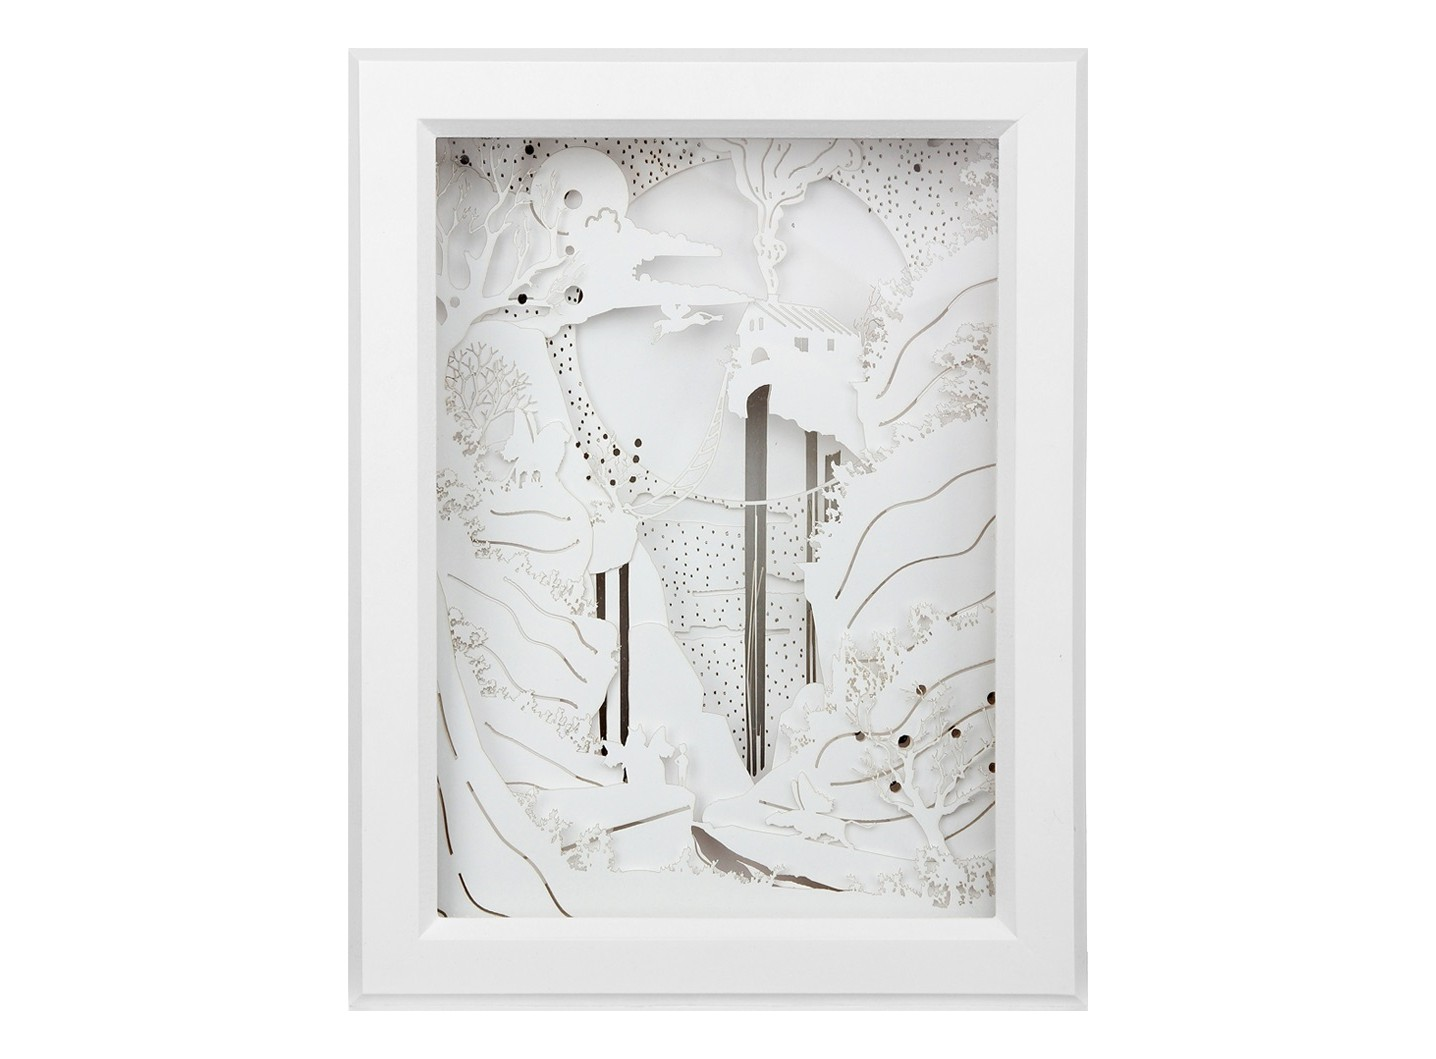 Световая диорама ВодопадБра<br>Световая диорама это картина-ночник. Рисунок диорамы состоит из 12 слоев, вырезанных из бумаги, и выстроен так, чтобы создавалась максимальная игра света и тени. <br>Корпус сделаен из МДФ и окрашен итальянским лаком. Диорама естественно вписывается в любые виды интерьеров. Есть крепление для подвеса на стену.&amp;amp;nbsp;&amp;lt;div&amp;gt;&amp;lt;br&amp;gt;&amp;lt;/div&amp;gt;&amp;lt;div&amp;gt;Материалы: МДФ, бумага, стекло&amp;lt;/div&amp;gt;&amp;lt;div&amp;gt;Подсветка LED - 24 W&amp;lt;/div&amp;gt;&amp;lt;div&amp;gt;Питание от сети 220В&amp;lt;/div&amp;gt;<br><br>Material: МДФ<br>Width см: 30<br>Depth см: 8<br>Height см: 39